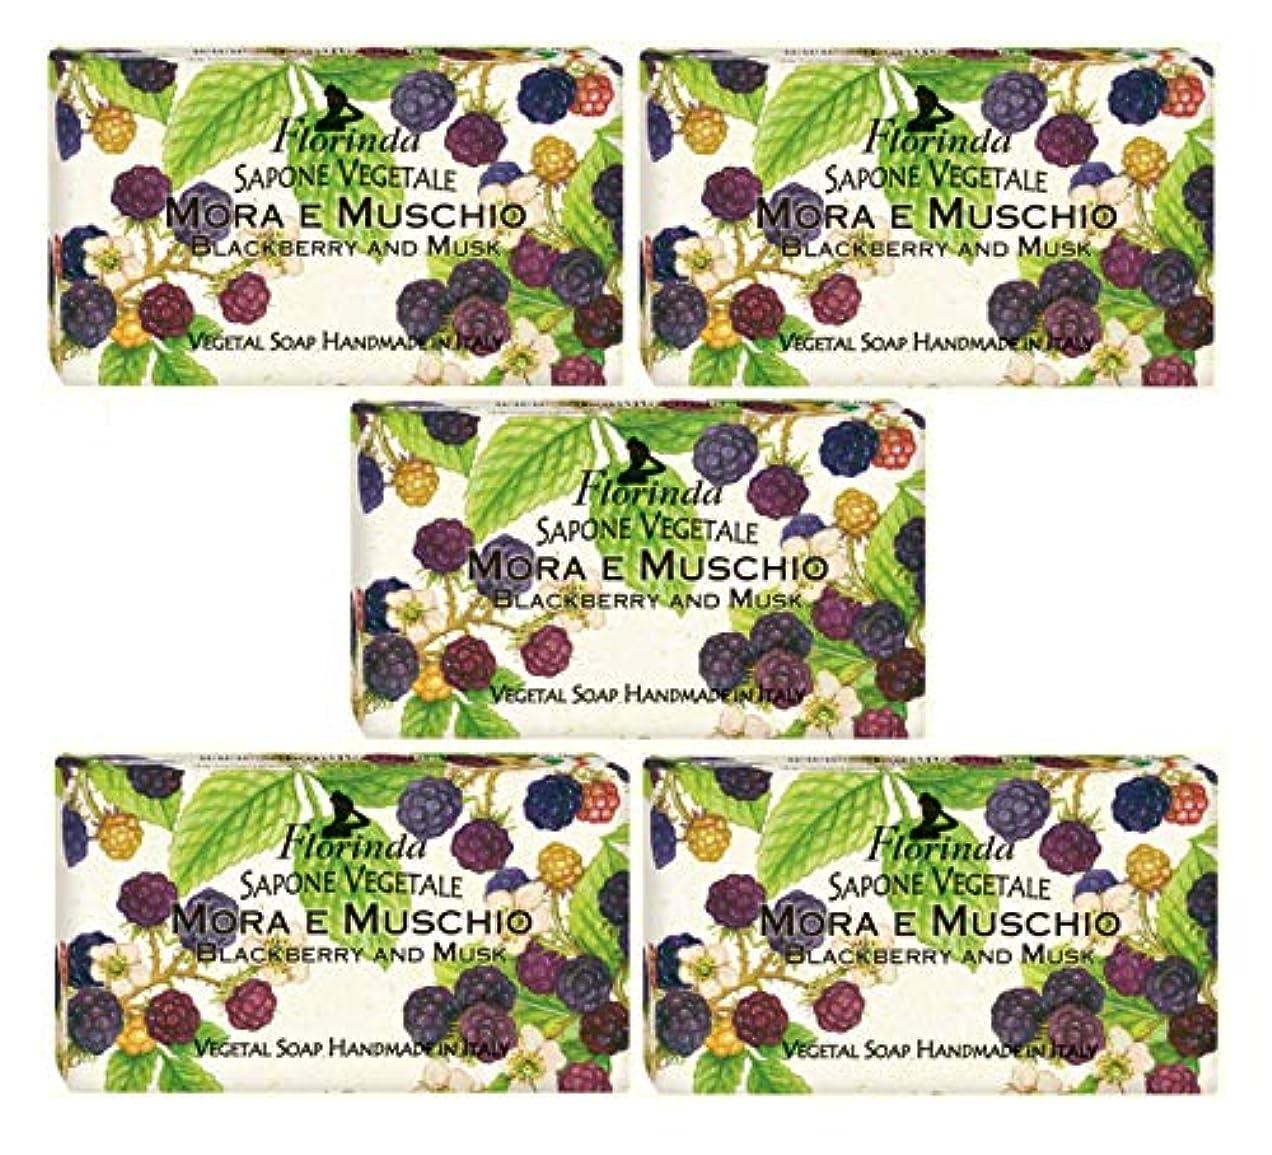 服付ける休眠フロリンダ フレグランスソープ 固形石けん フルーツの香り ブラックベリー&ムスク 95g×5個セット